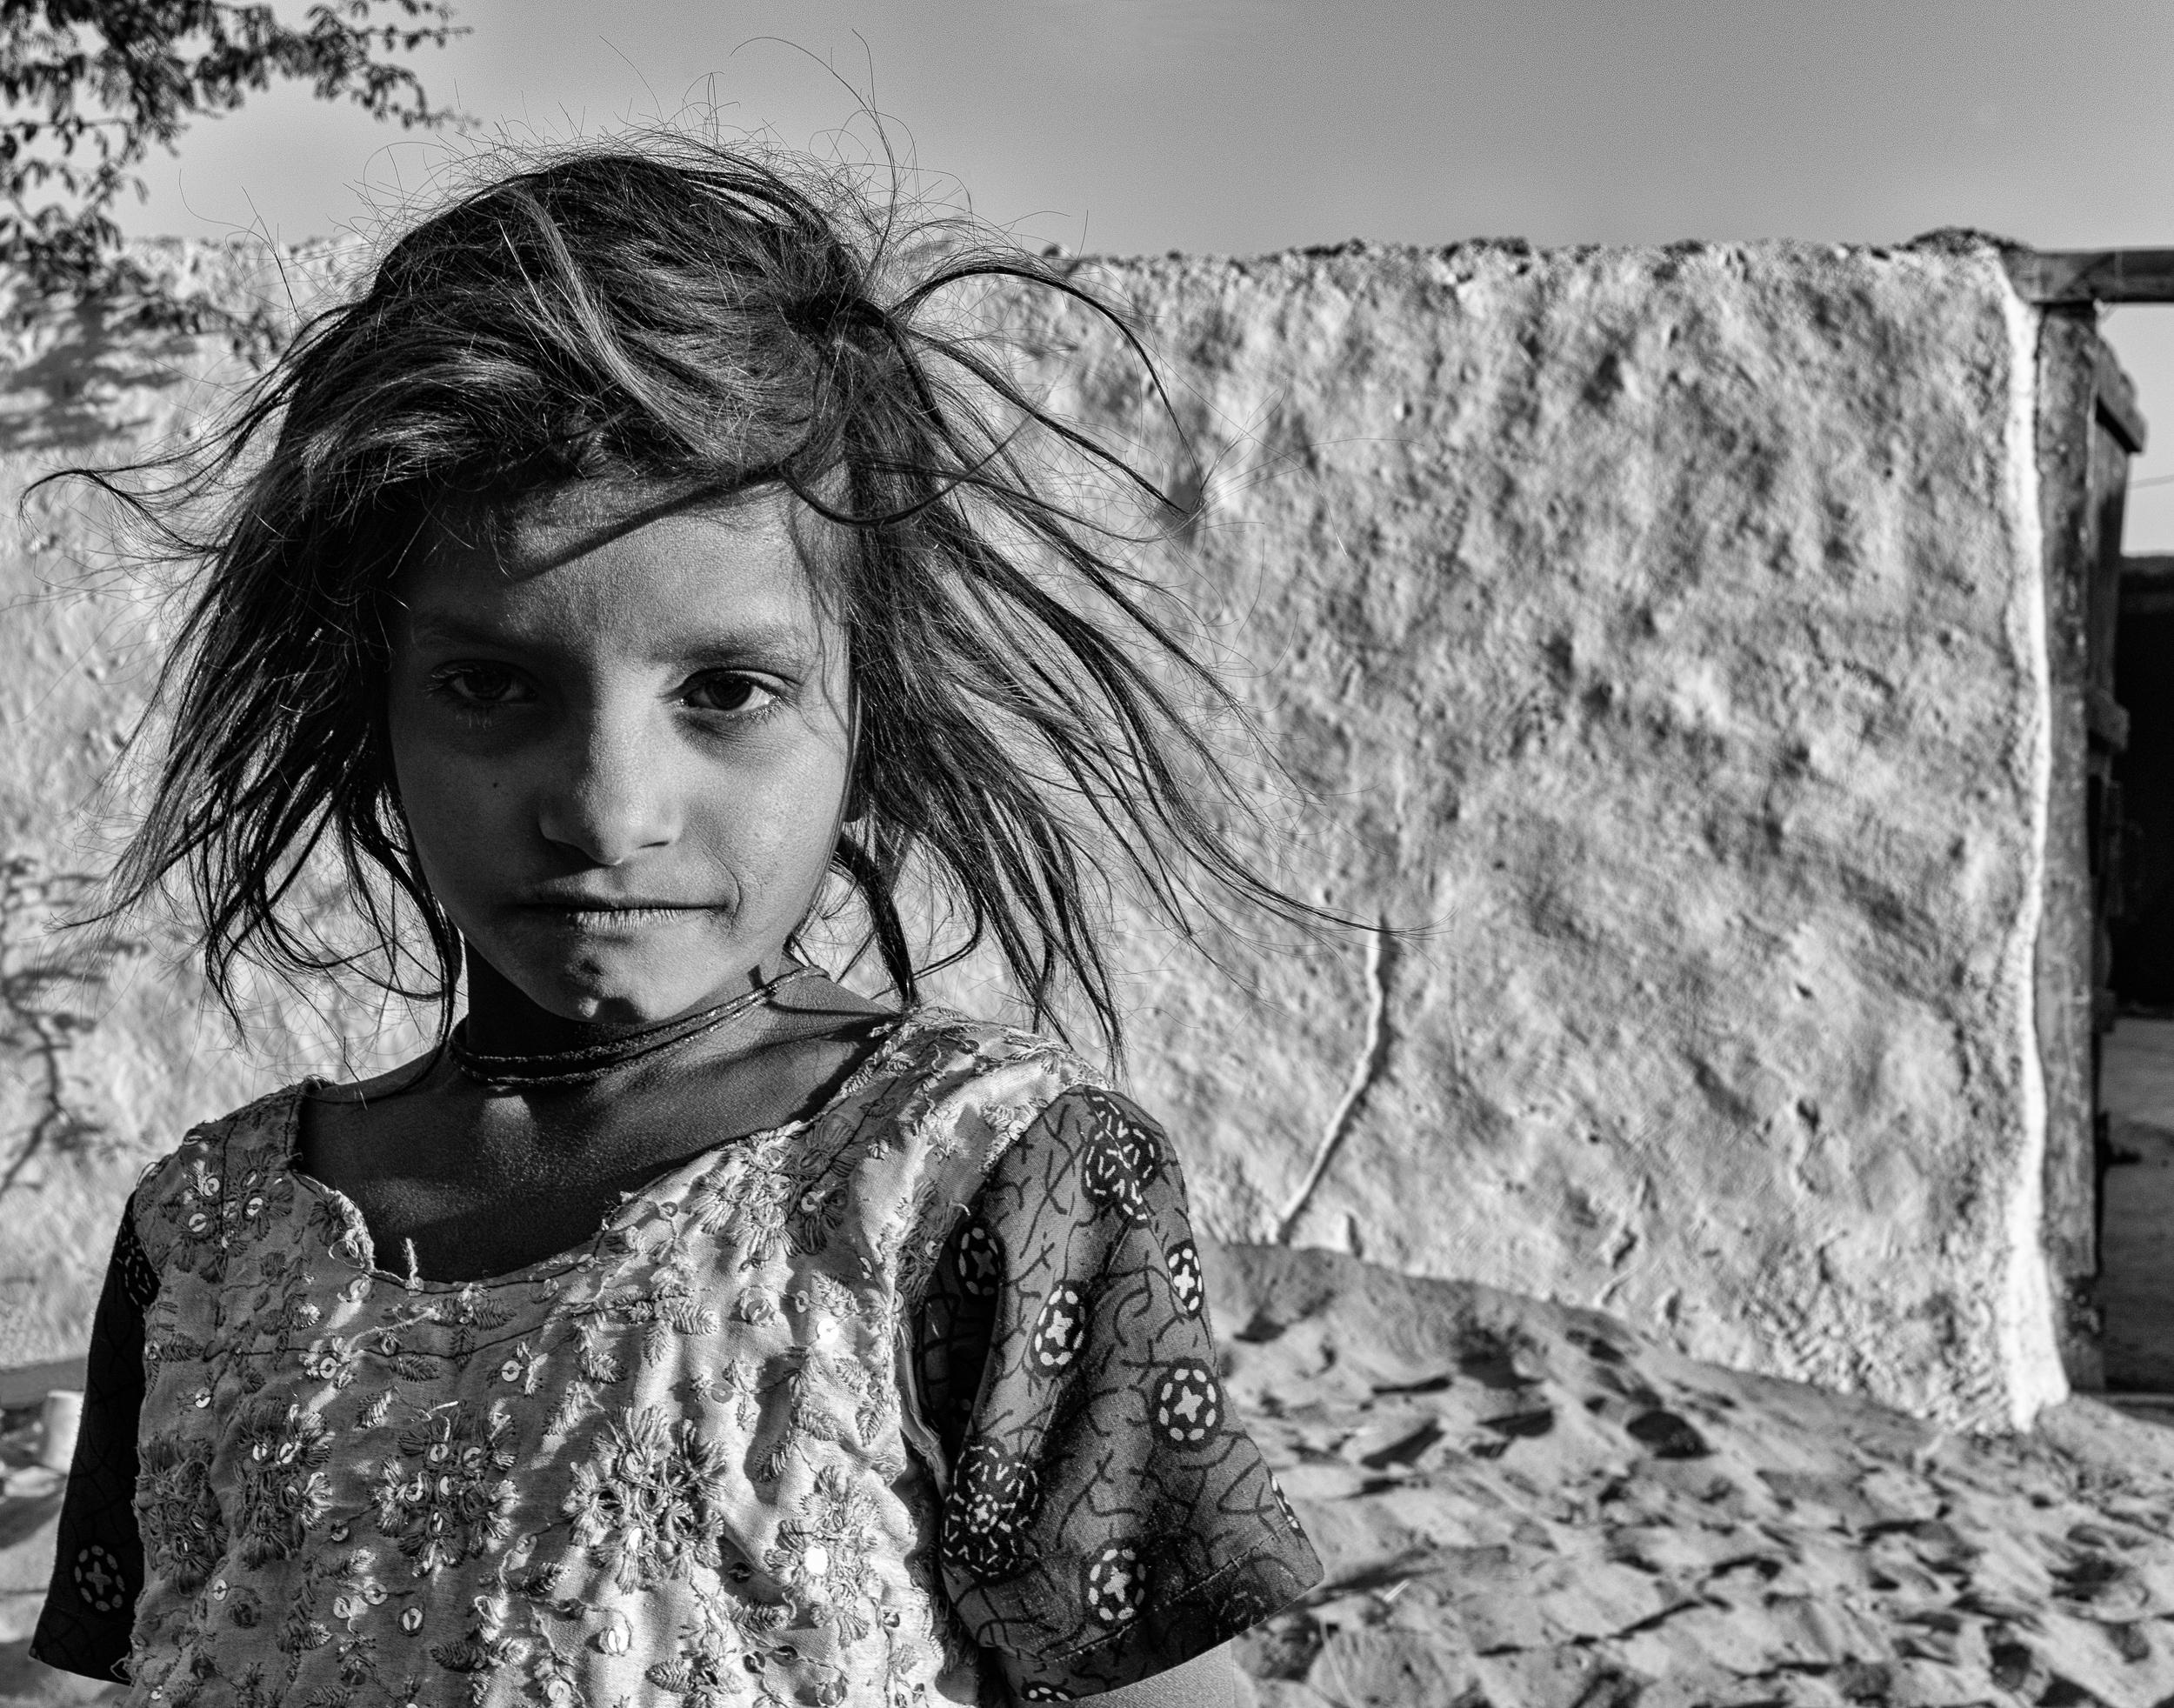 village girl, chandelao